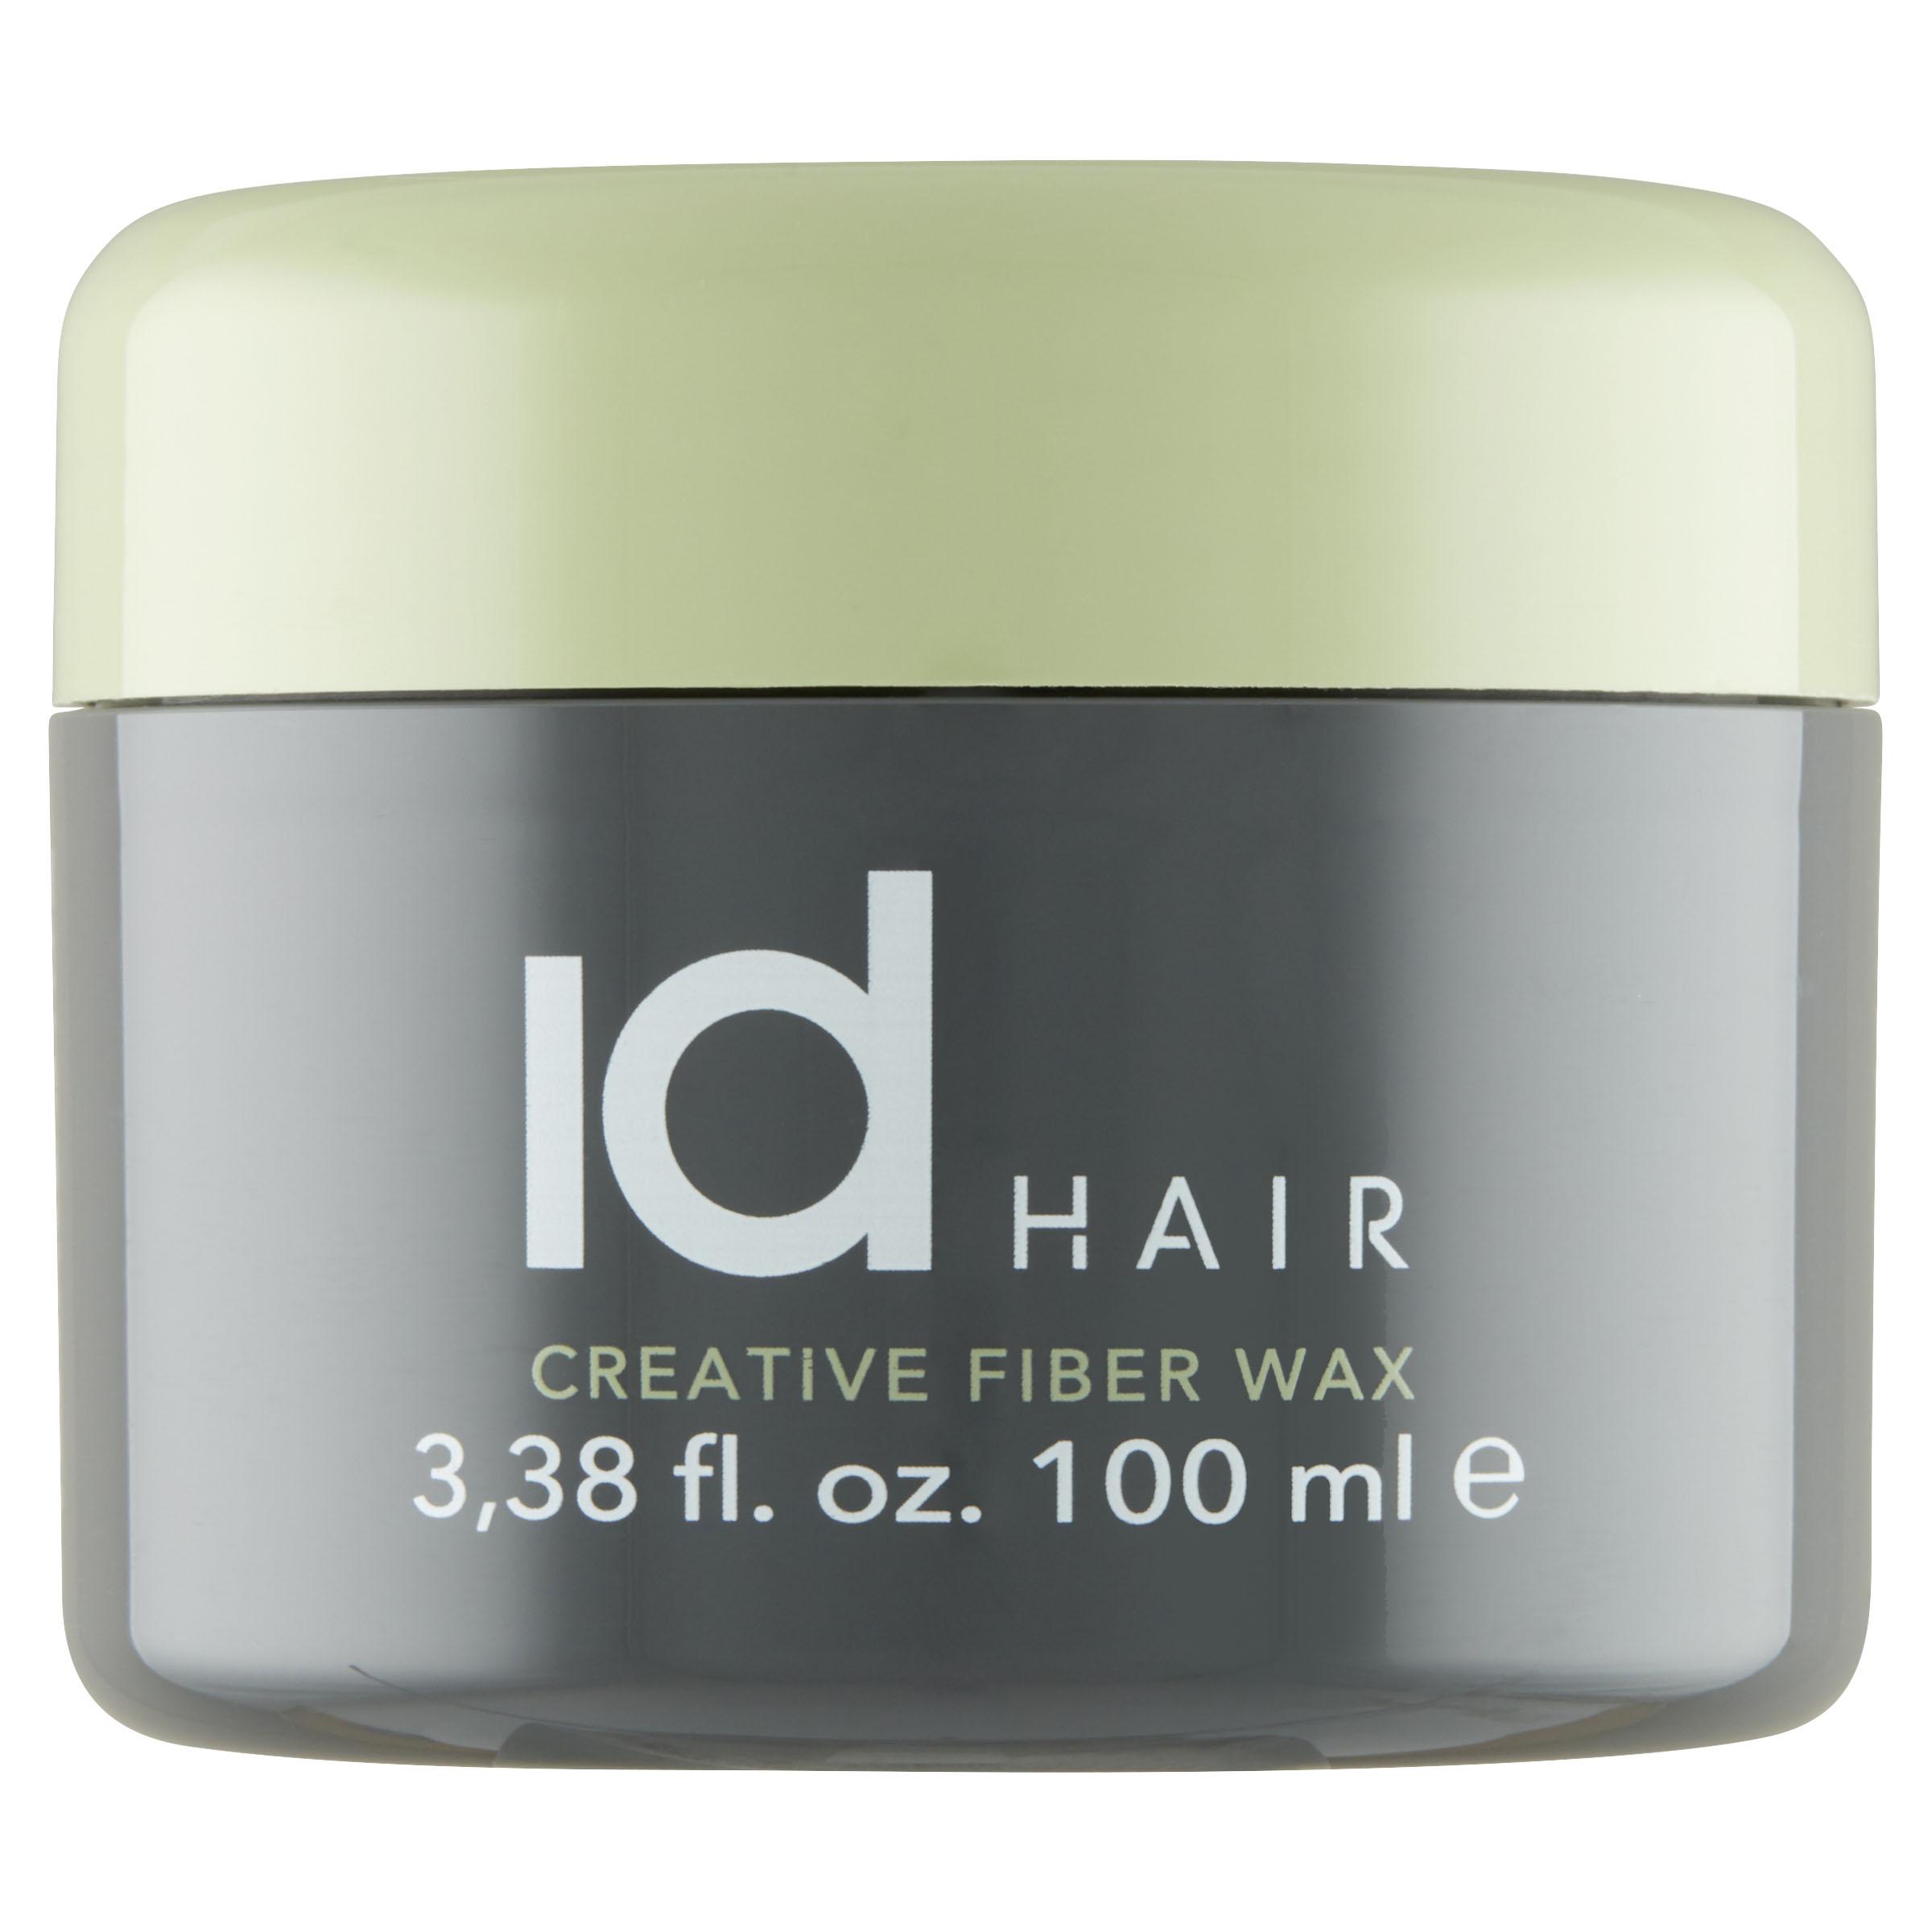 IdHAIR - Creative Fiber Wax 100 ml